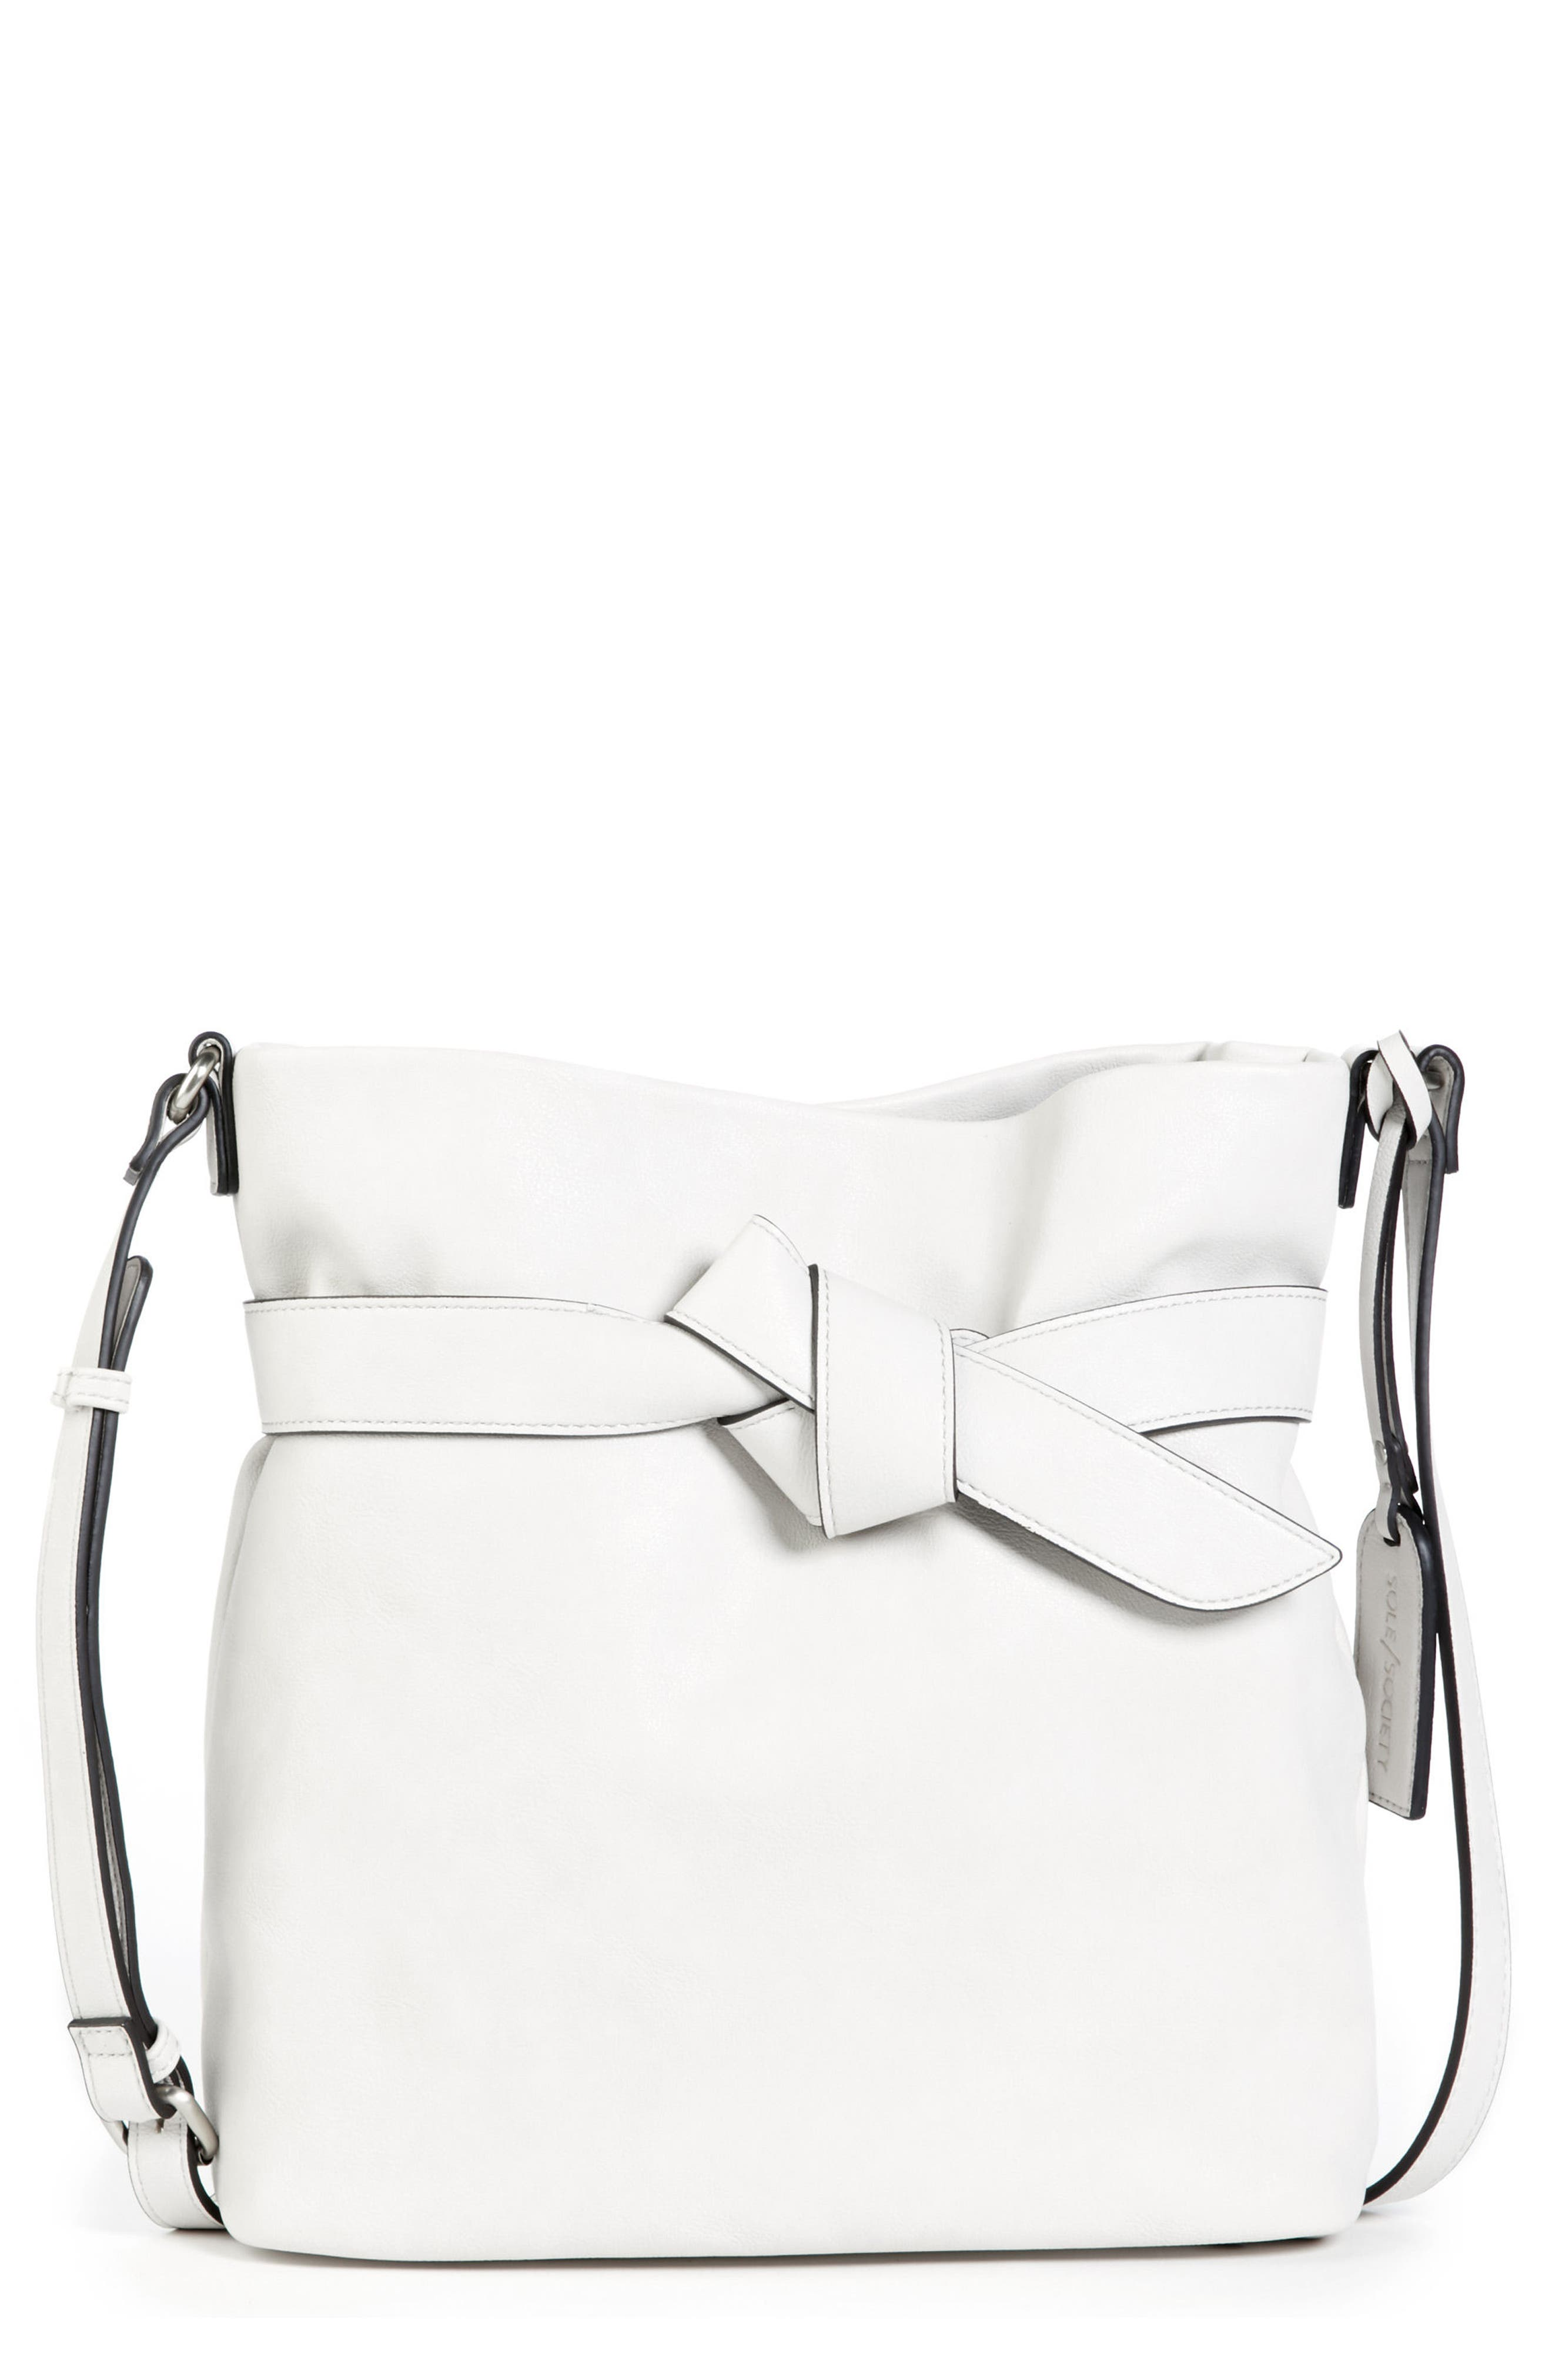 Karon Faux Leather Shoulder Bag,                             Main thumbnail 1, color,                             104